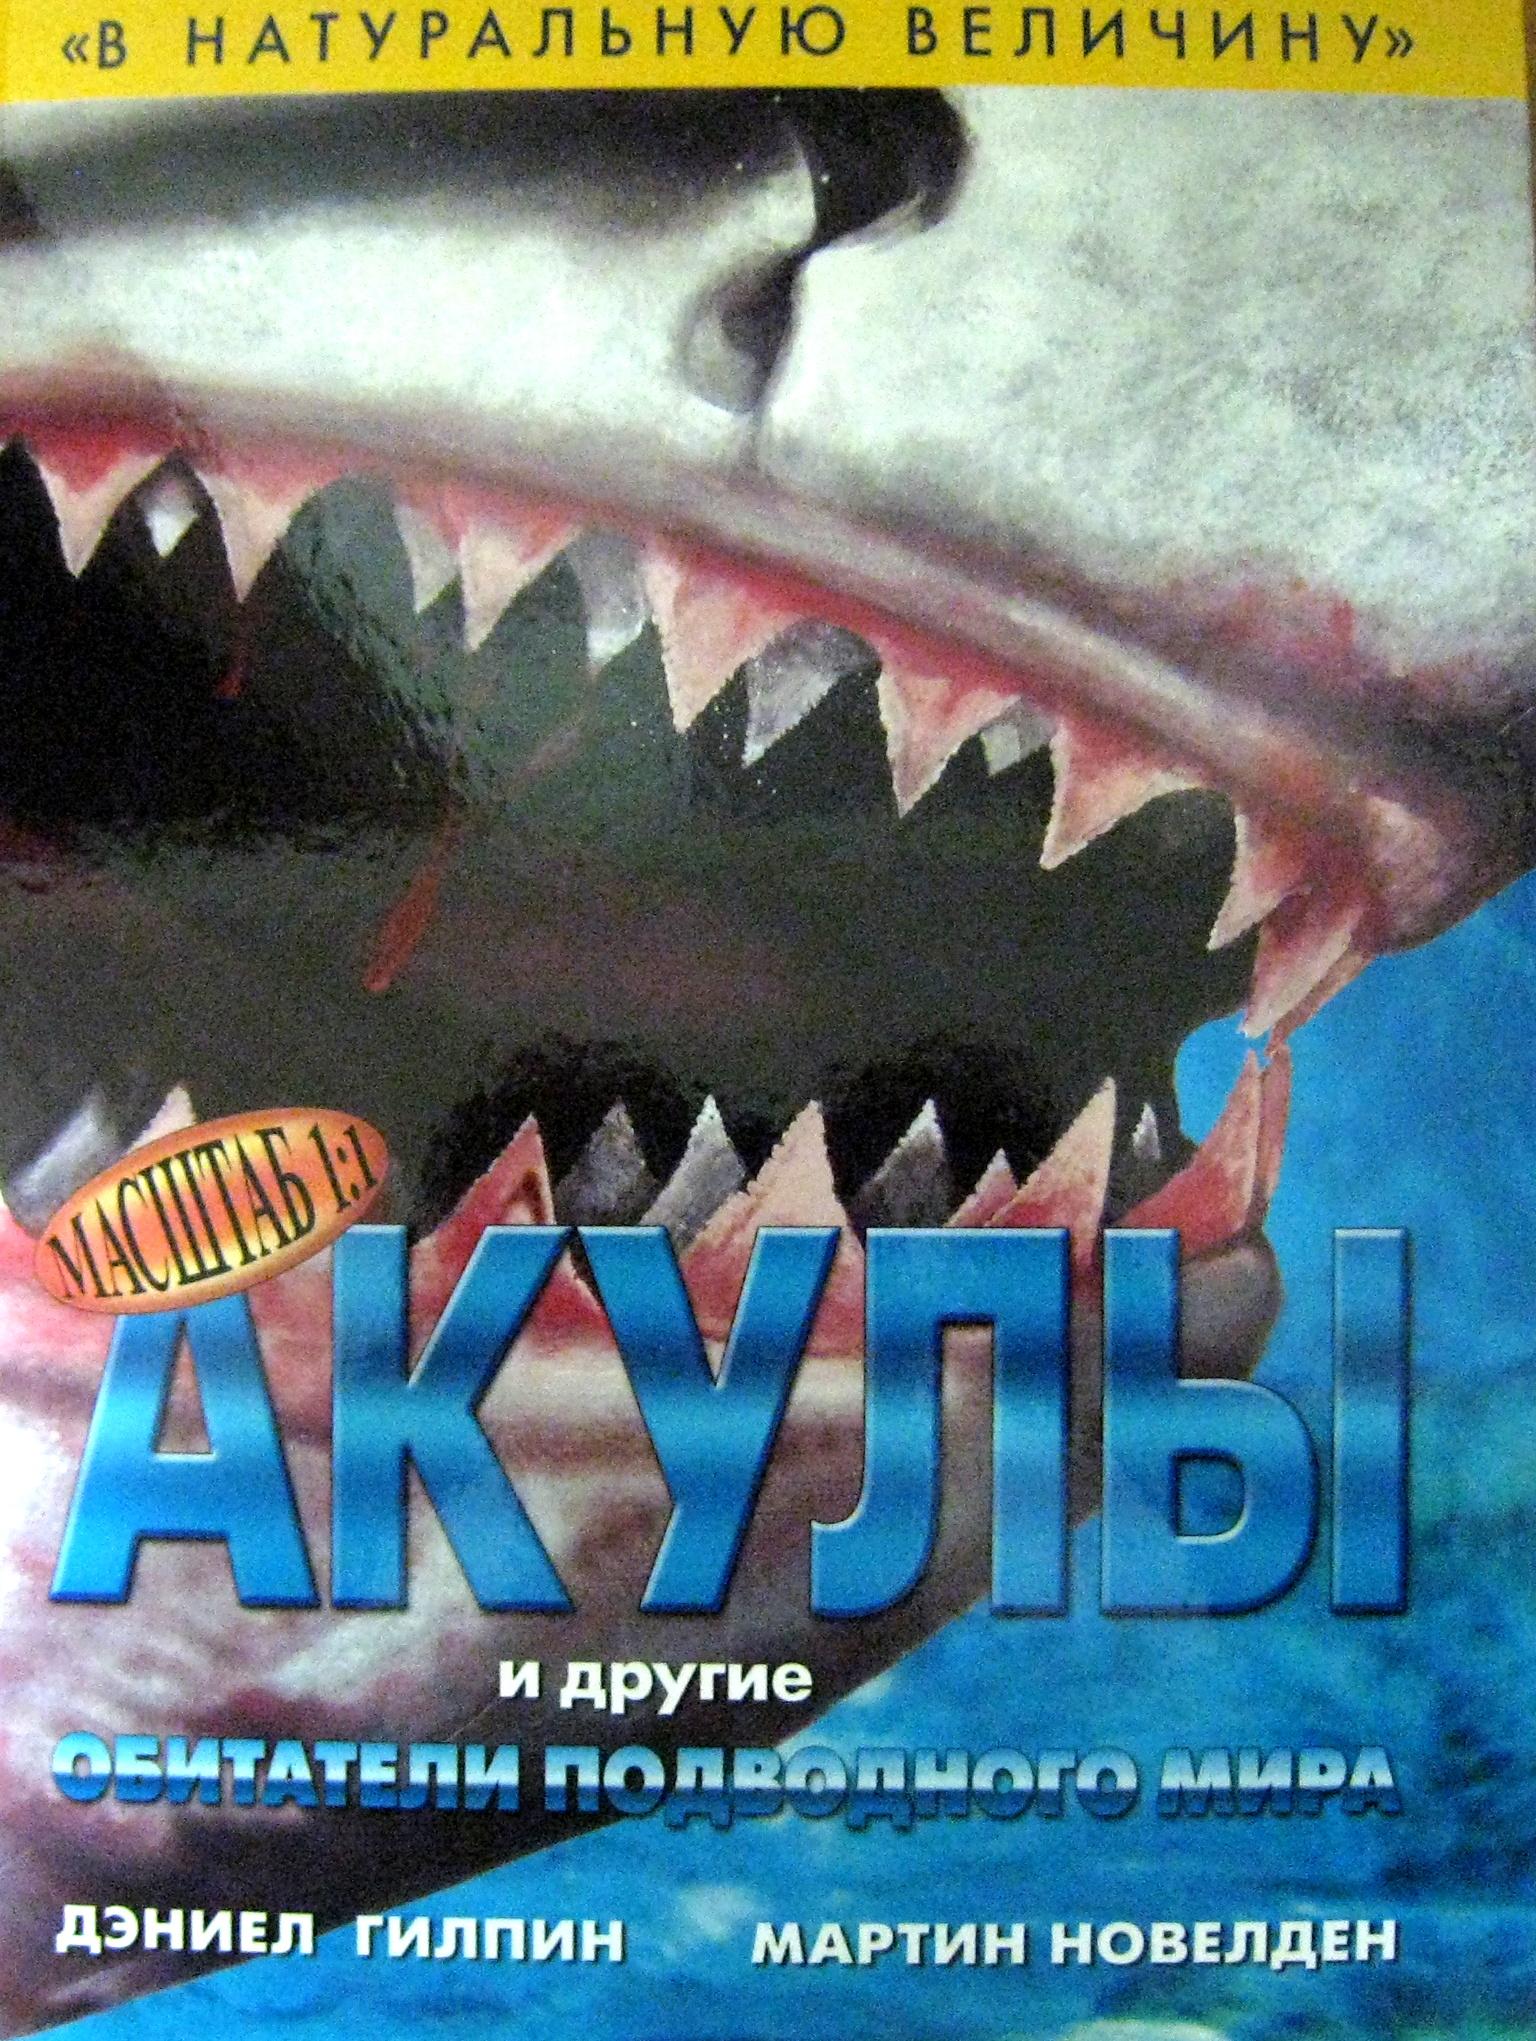 Ниола. В натуральную величину. Акулы и другие обитатели подводного мира.